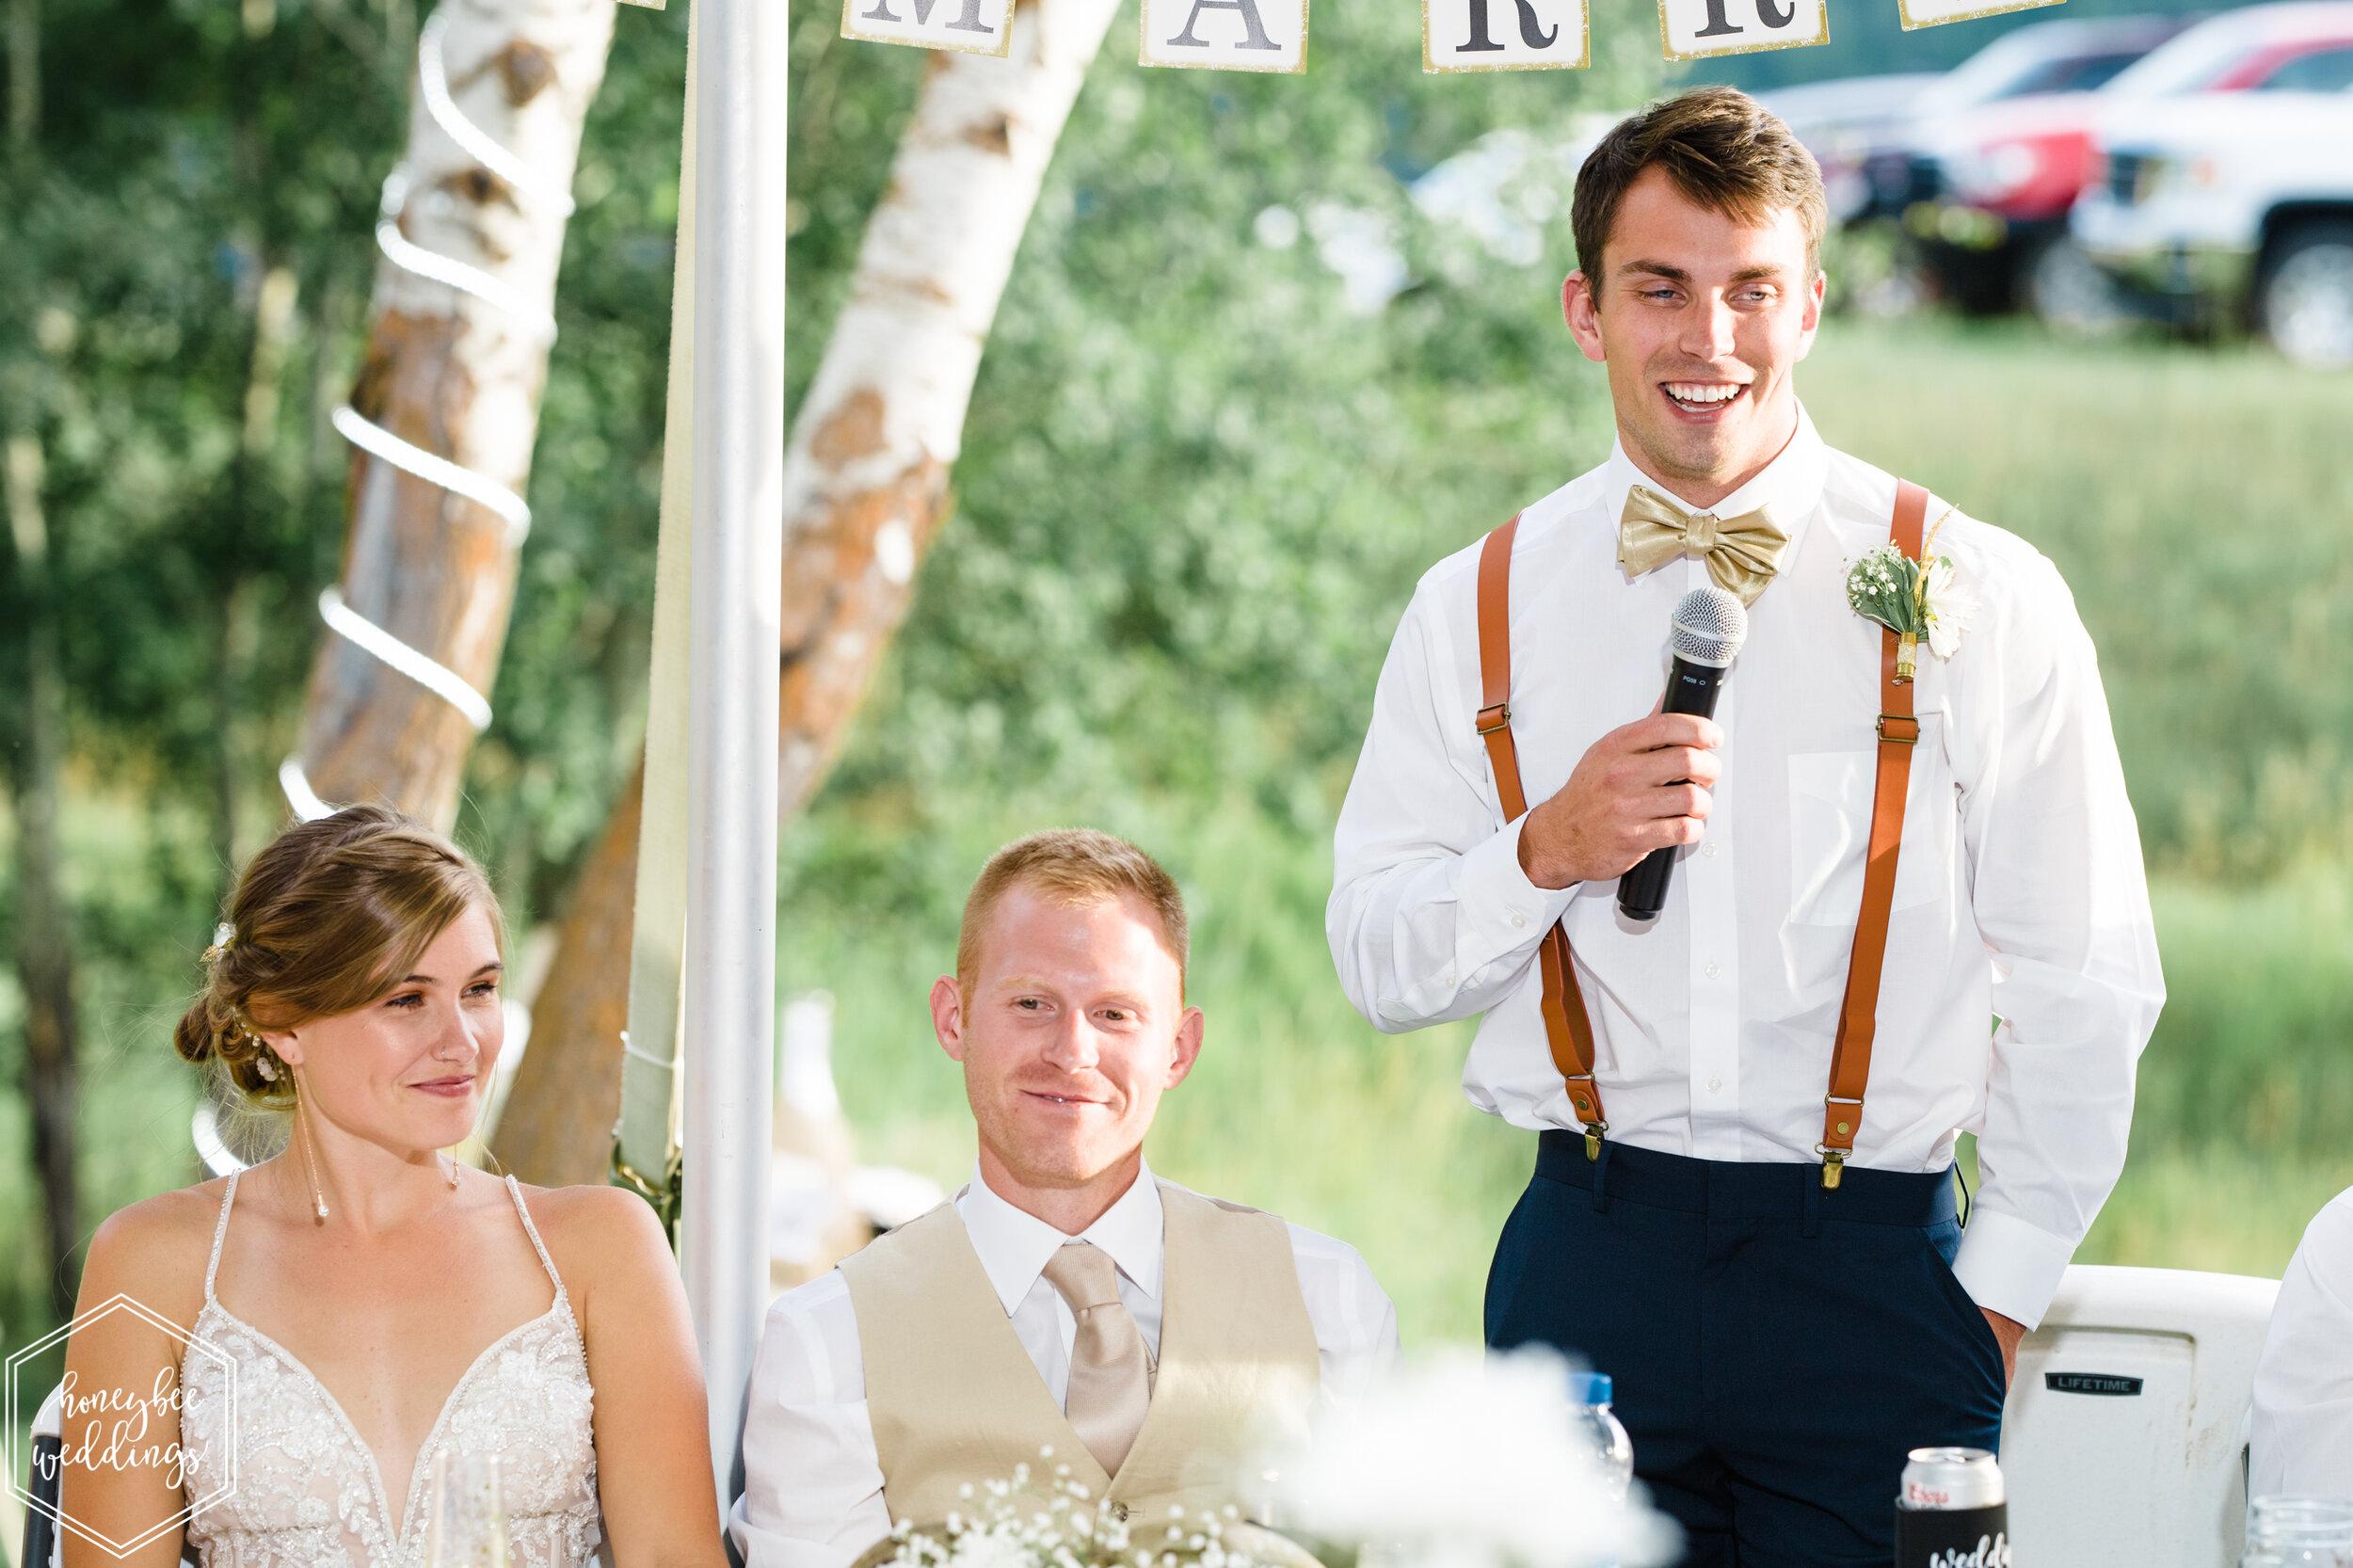 099Seven Mile Meadows Wedding_Montana Wedding Photographer_Jamie & Wes_Honeybee Weddings_September 07, 2019-2299.jpg